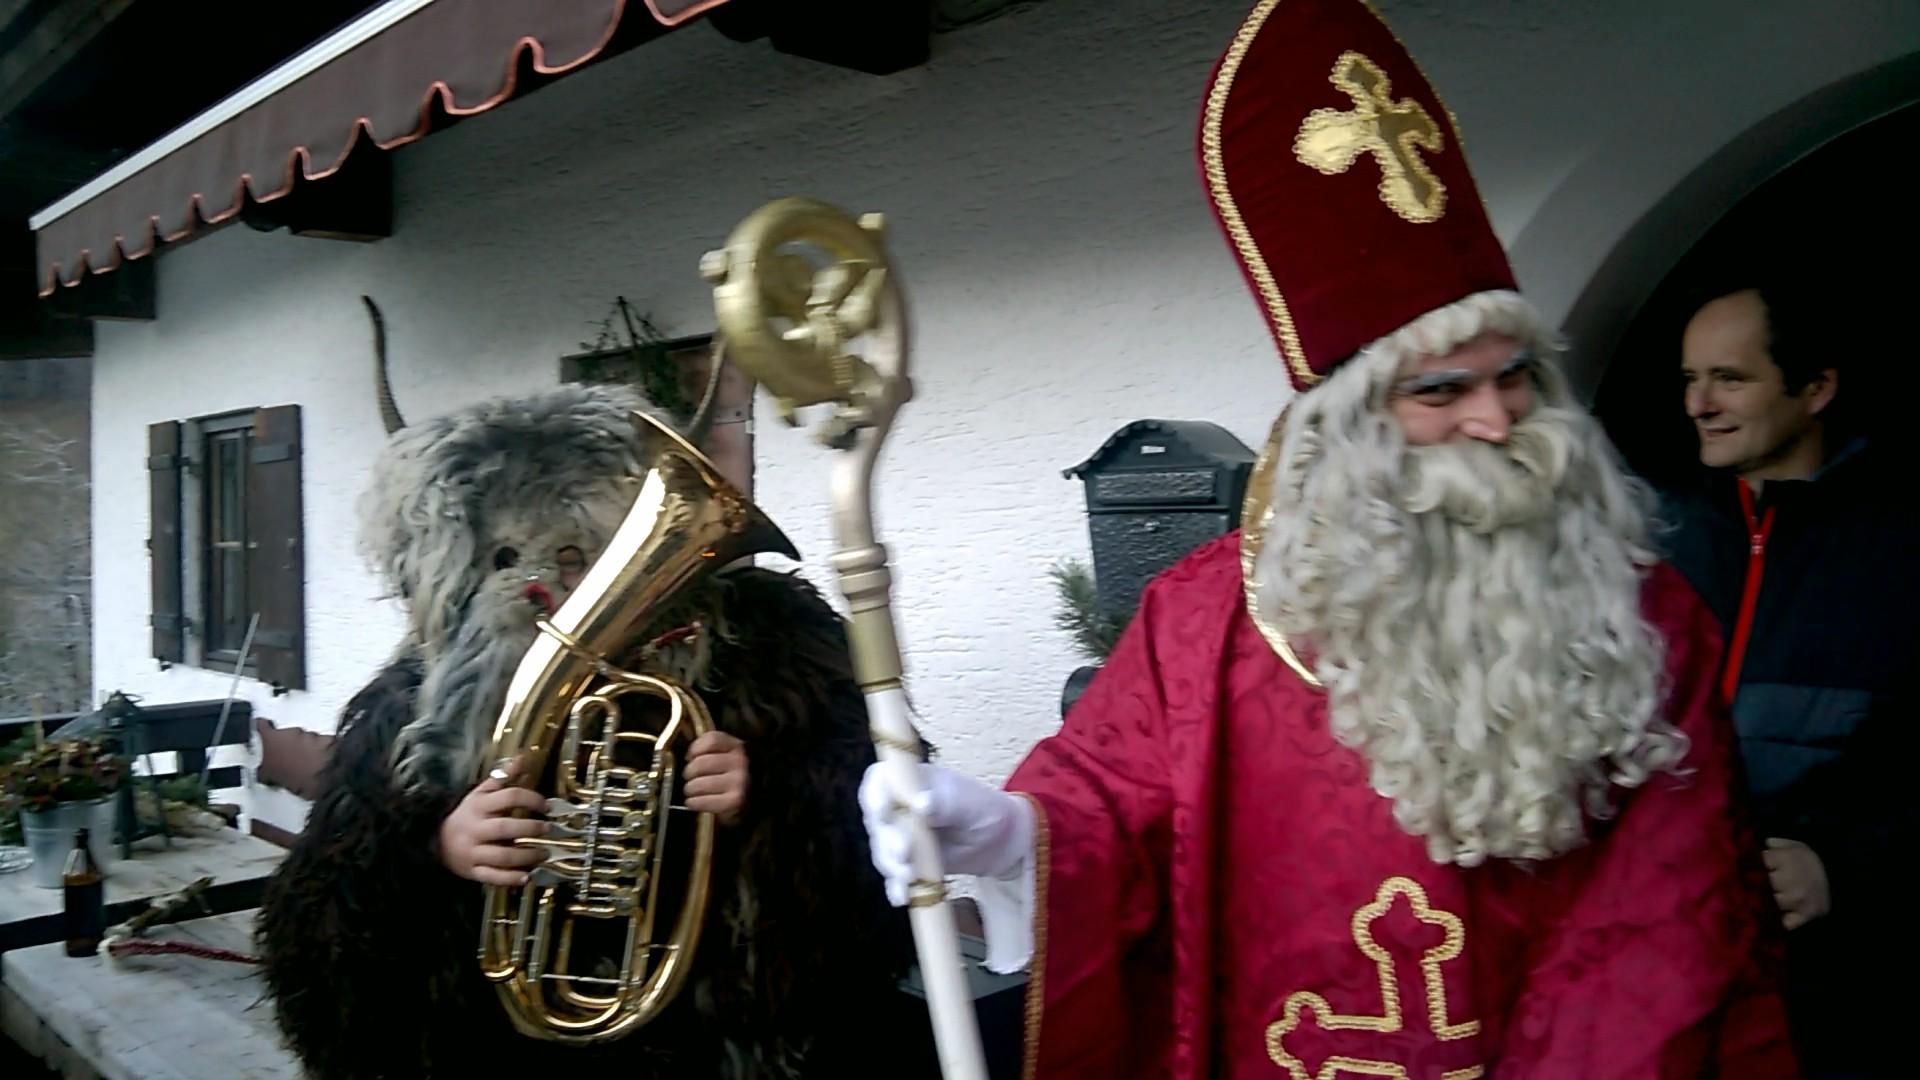 Jedes Jahr am 5. Dezember kommt der Nikolaus mit seinen Kramperl zu uns......